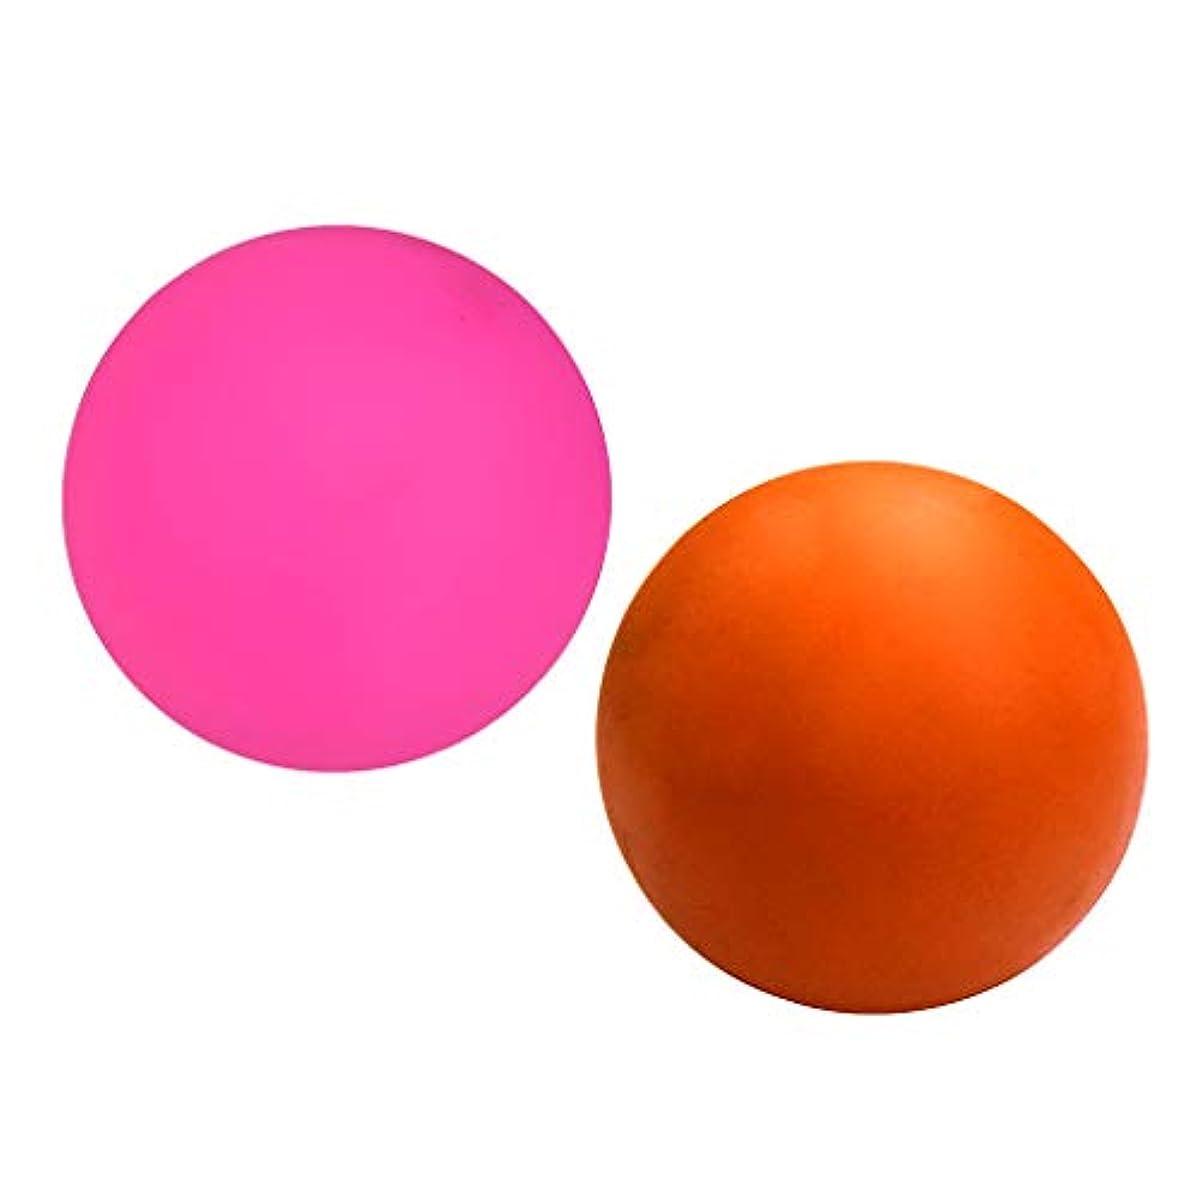 離れたスラム予測FLAMEER 2個 マッサージボール ゴムボール リラックス ジム 運動